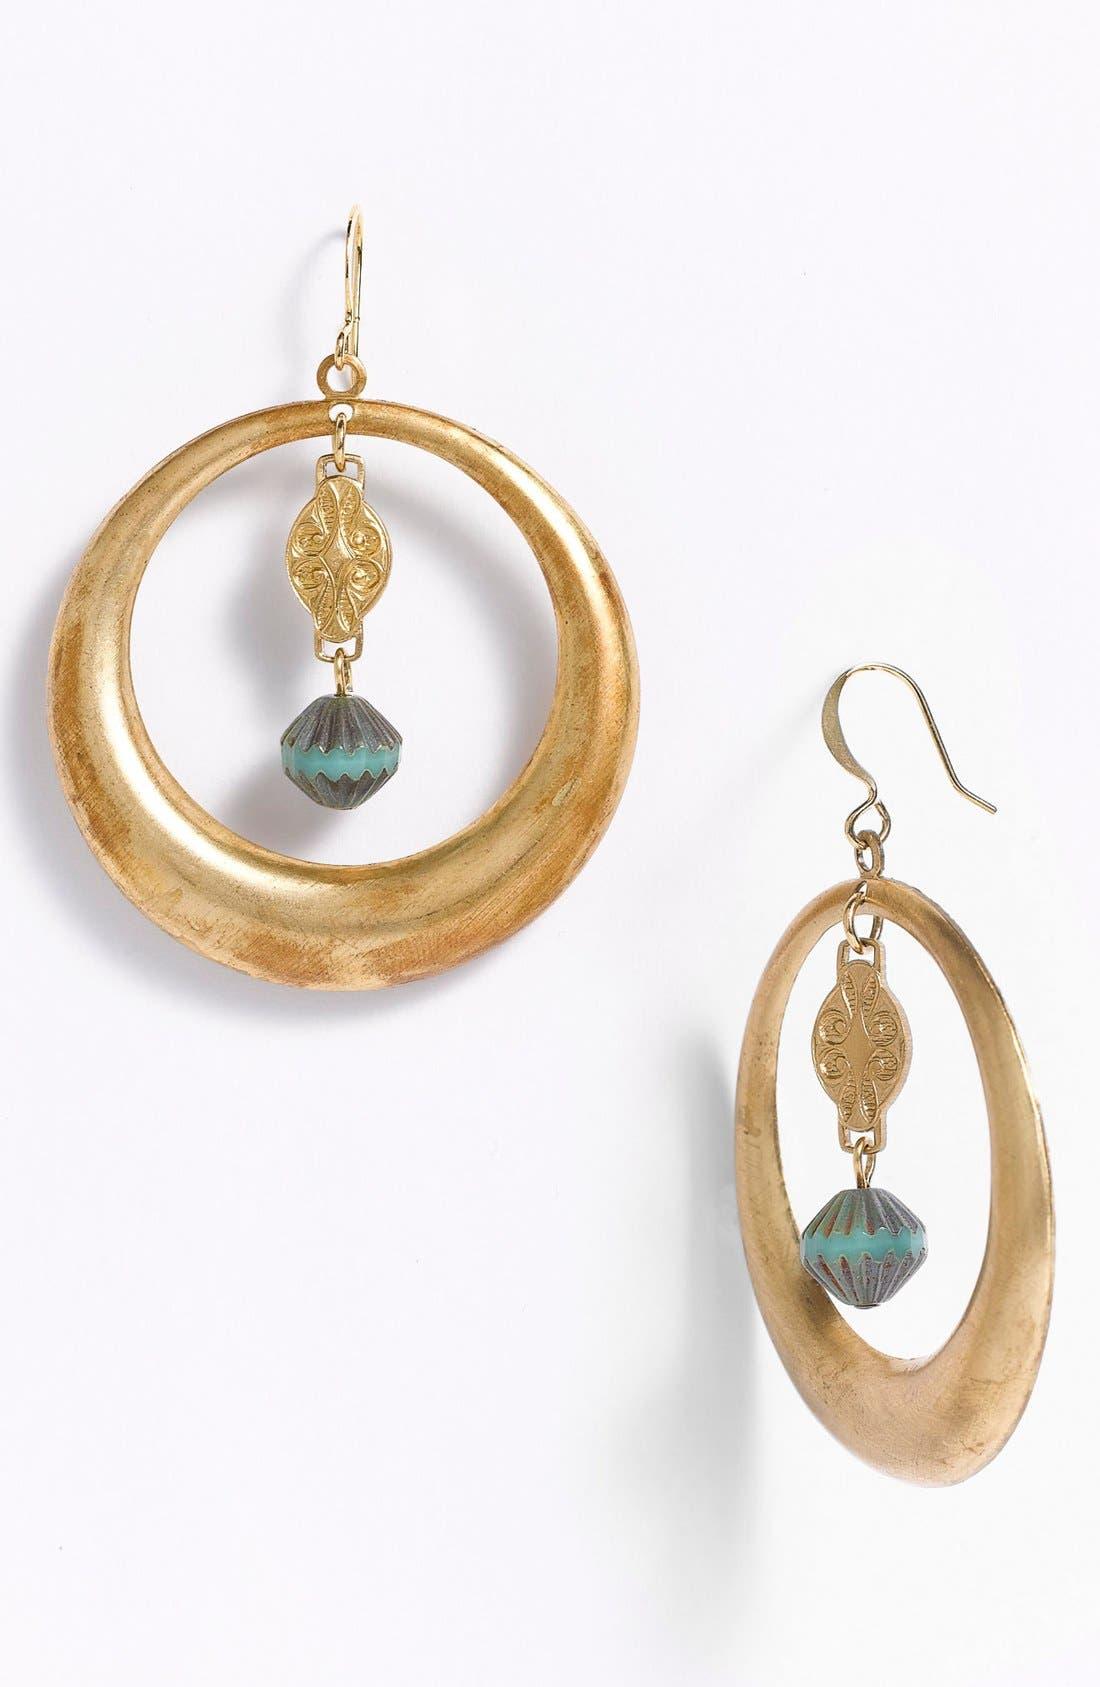 Main Image - Verdier Jewelry Hoop Earrings